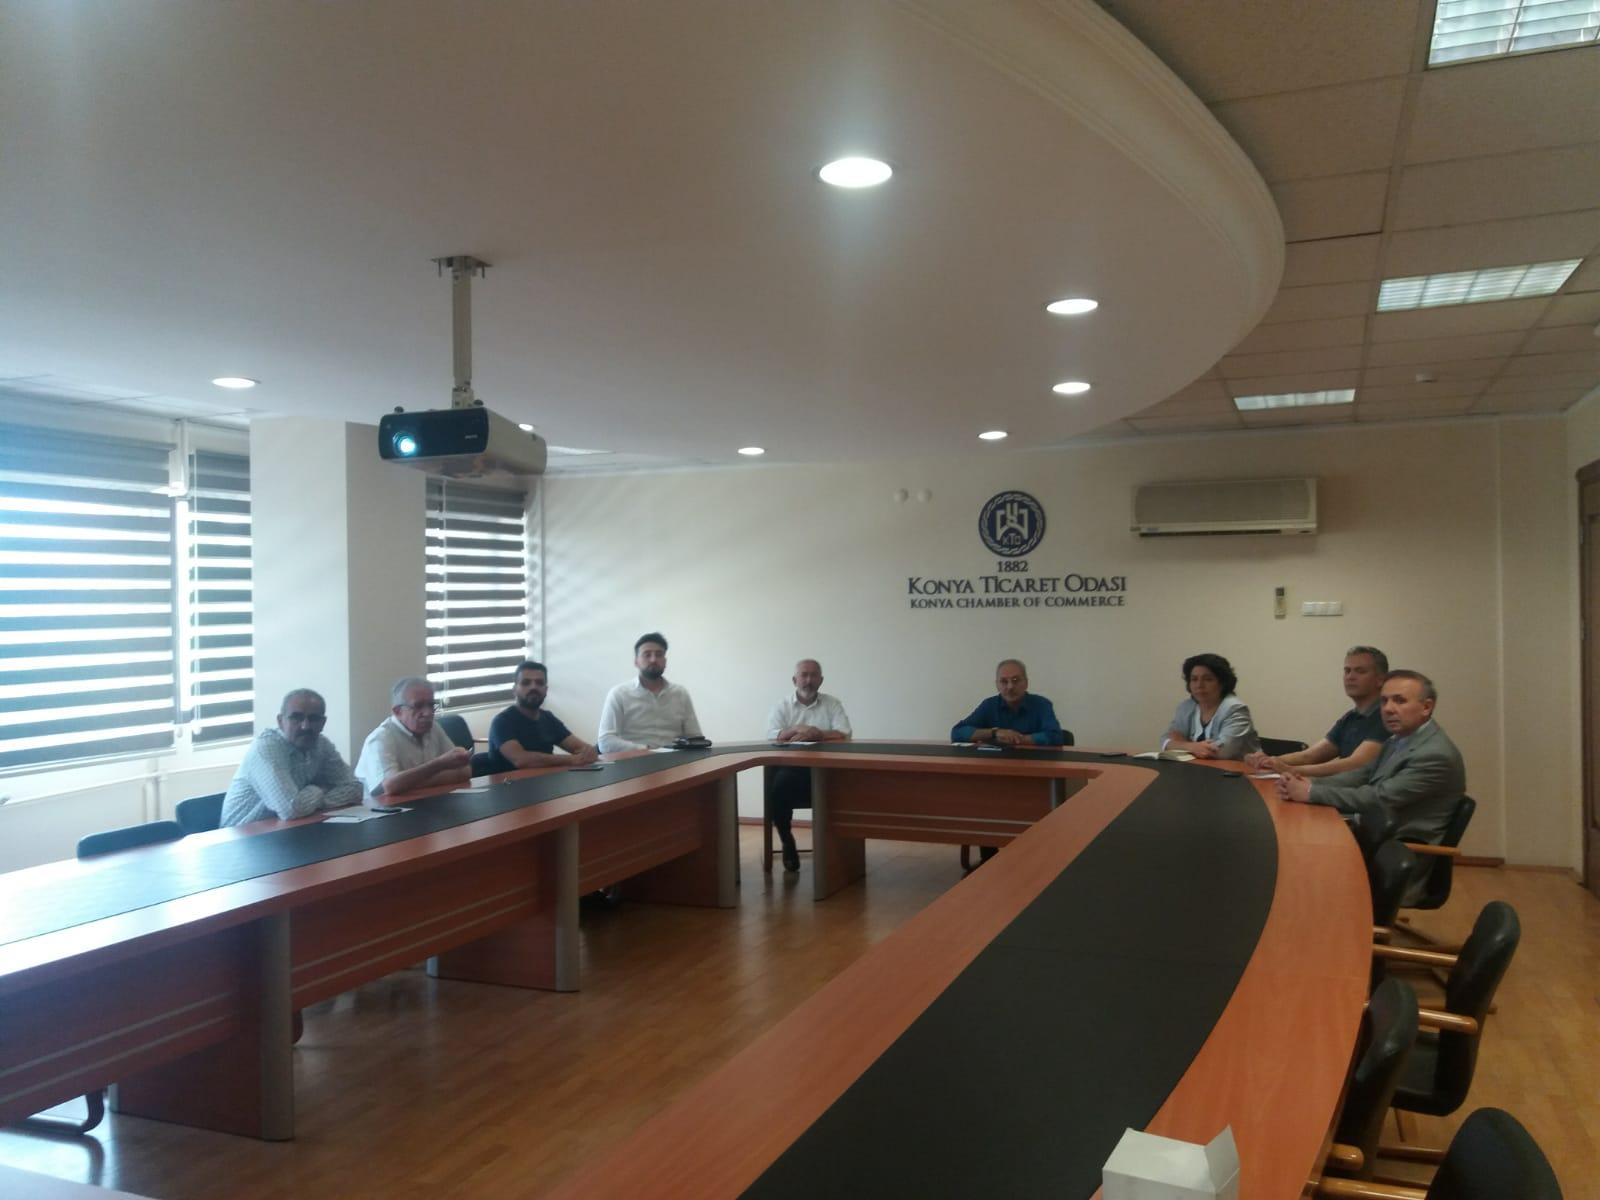 Yapı Müteahhitlerinin Sınıflandırılması ve Kayıtlarının Tutulması Hakkında Yönetmelikteki düzenlemelere ilişkin bilgilendirme toplantısı yapıldı